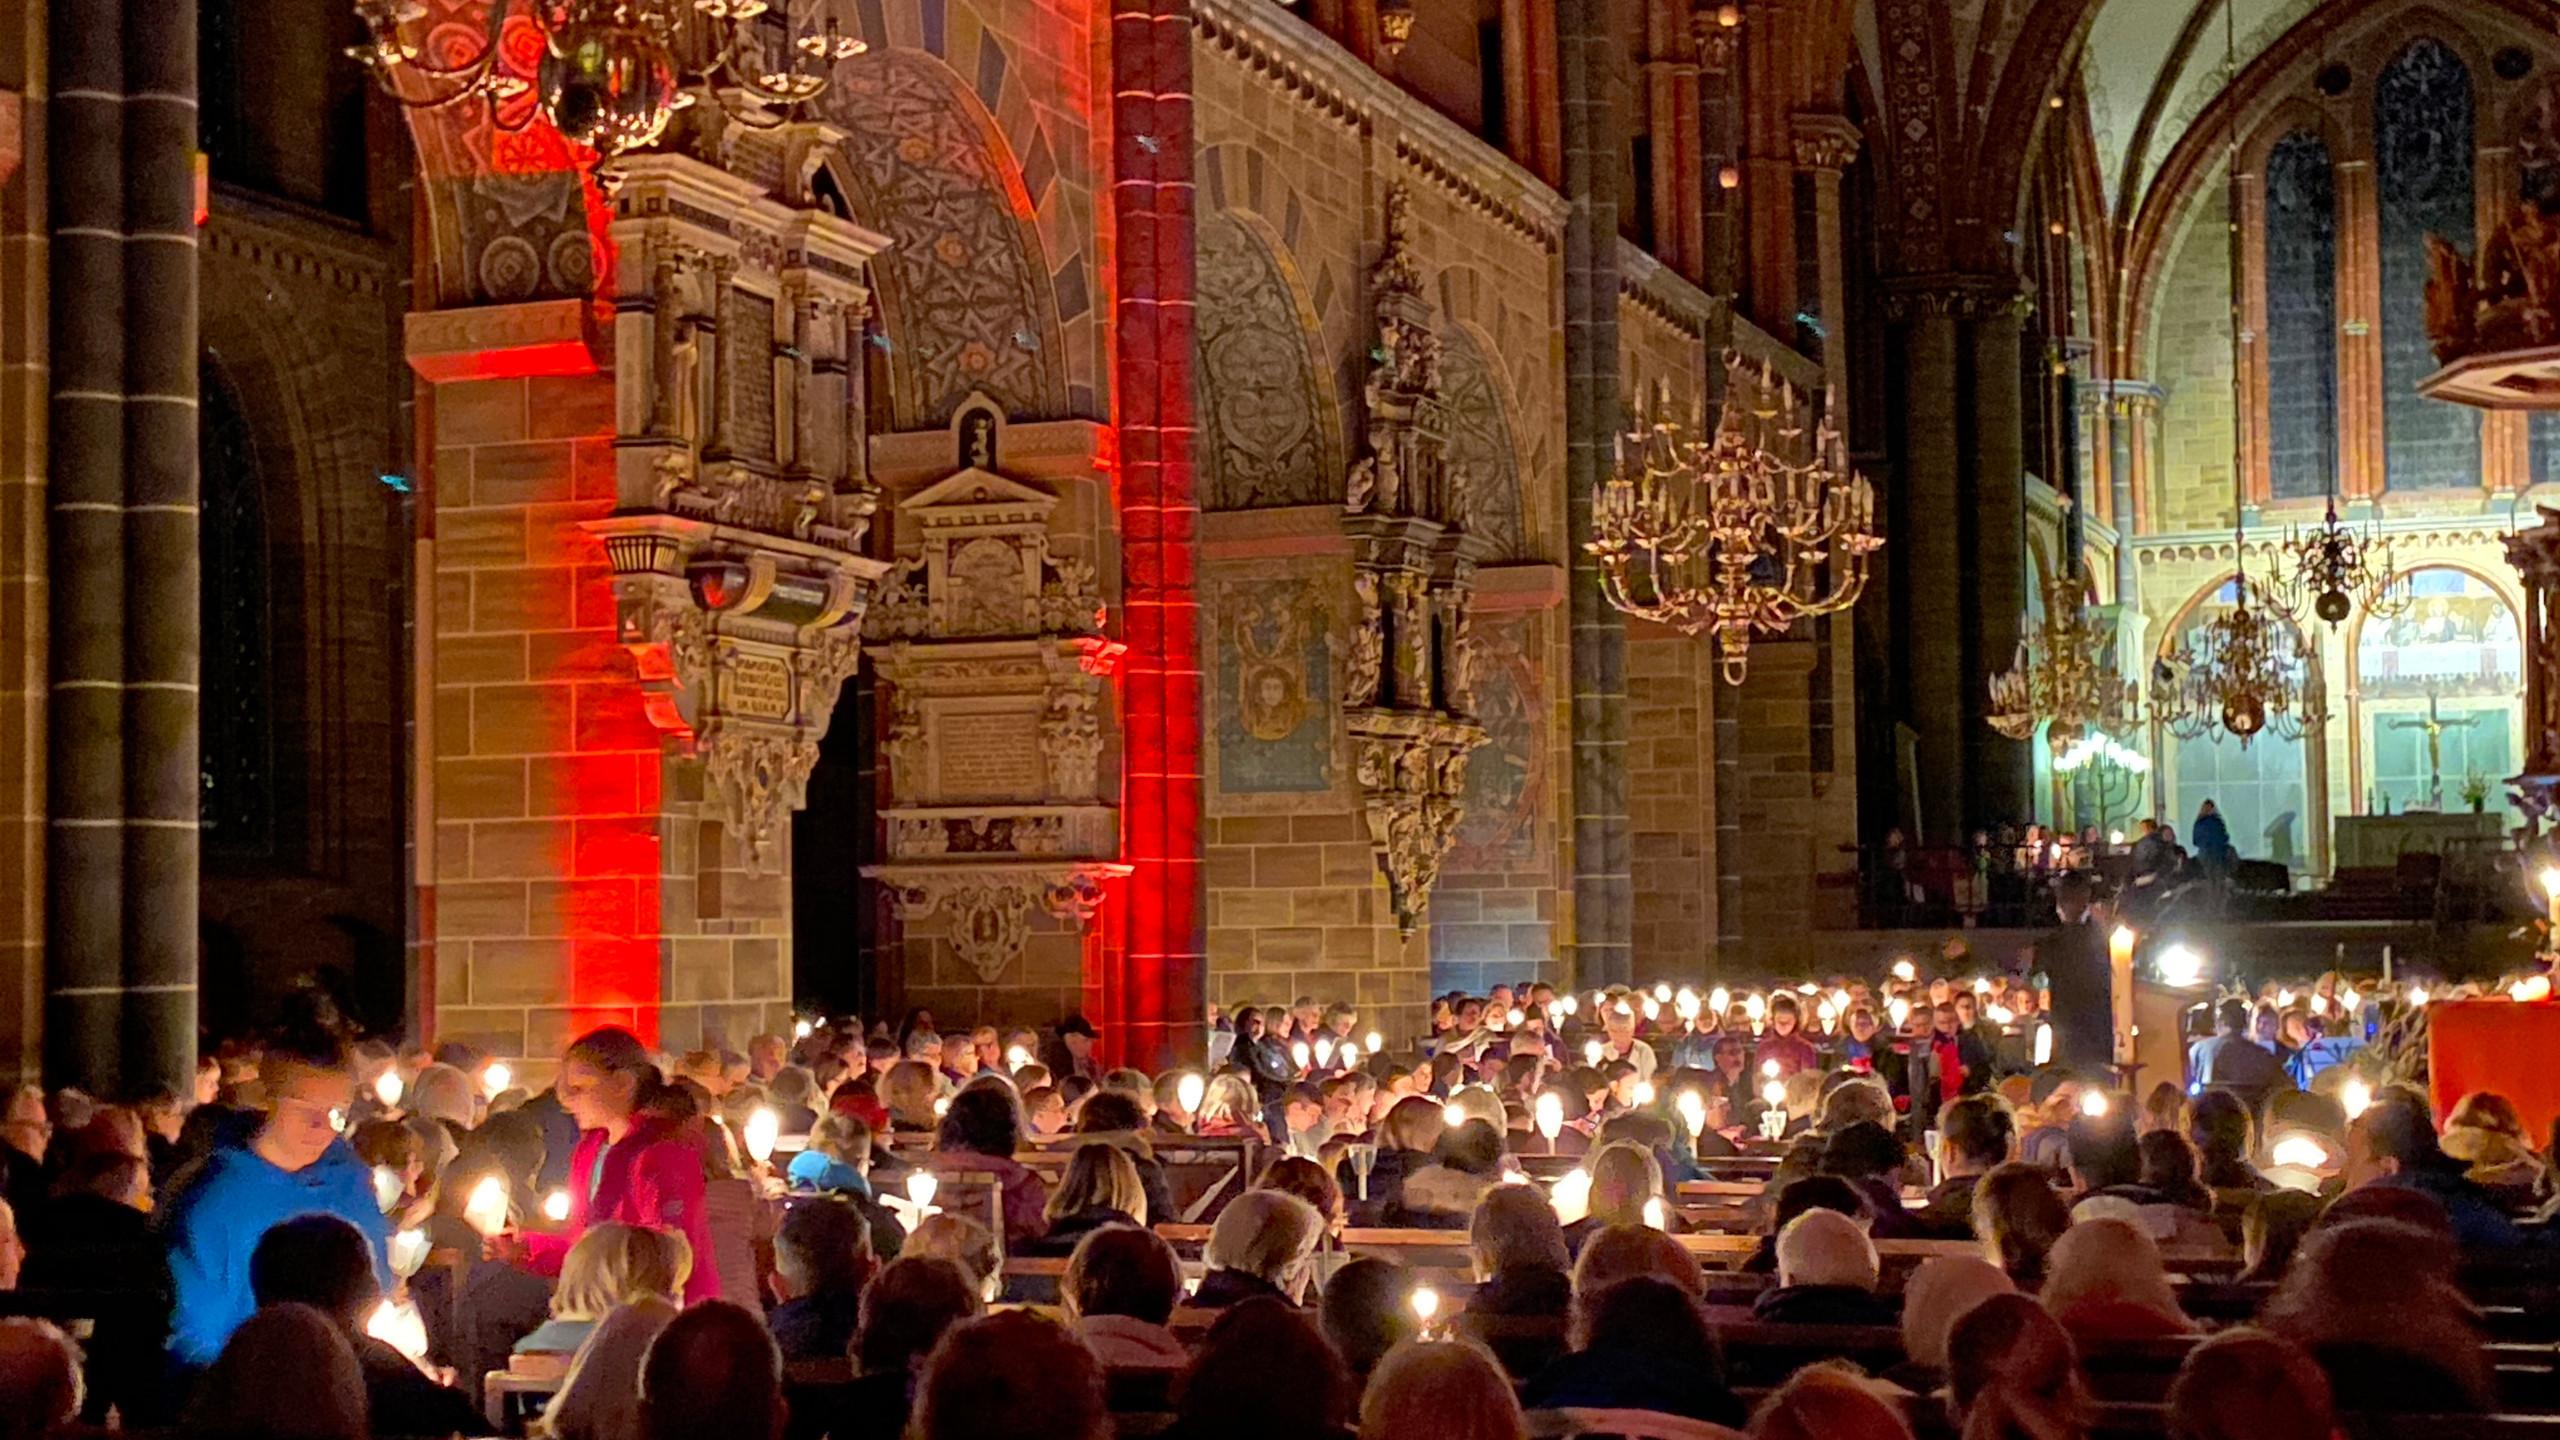 Blick auf die linke Reihe der Sitzplätze im Dom während der Nacht der Lichter.